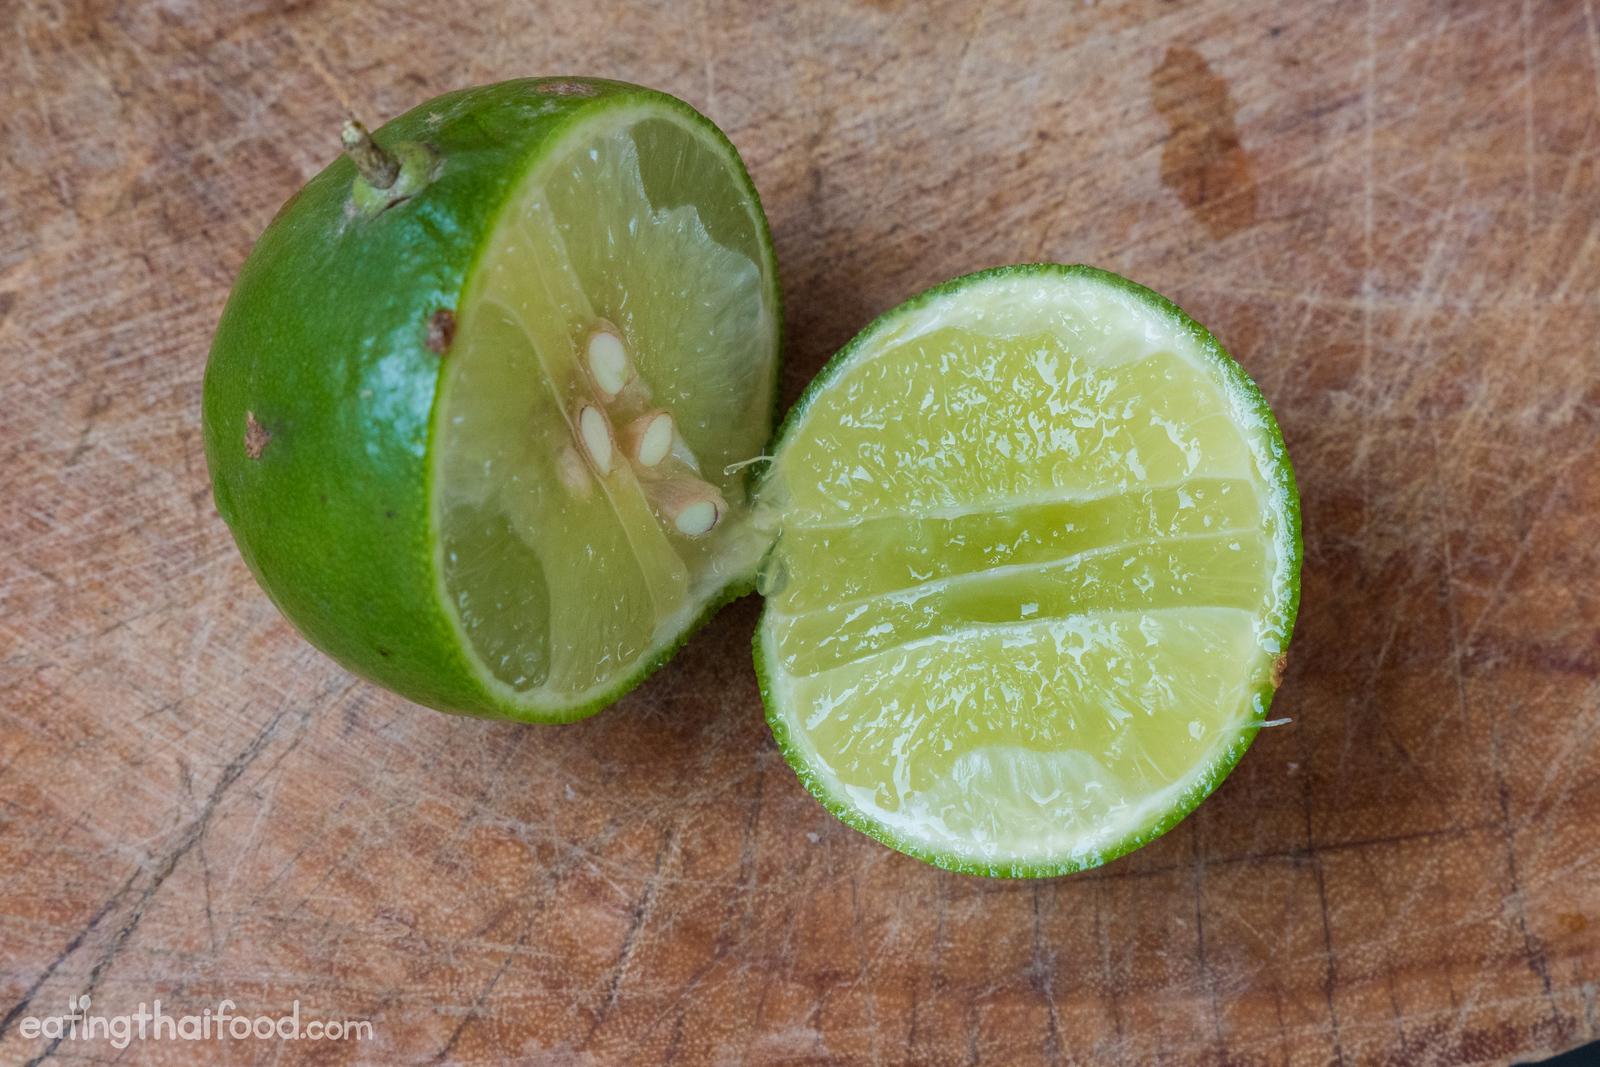 Thai limes